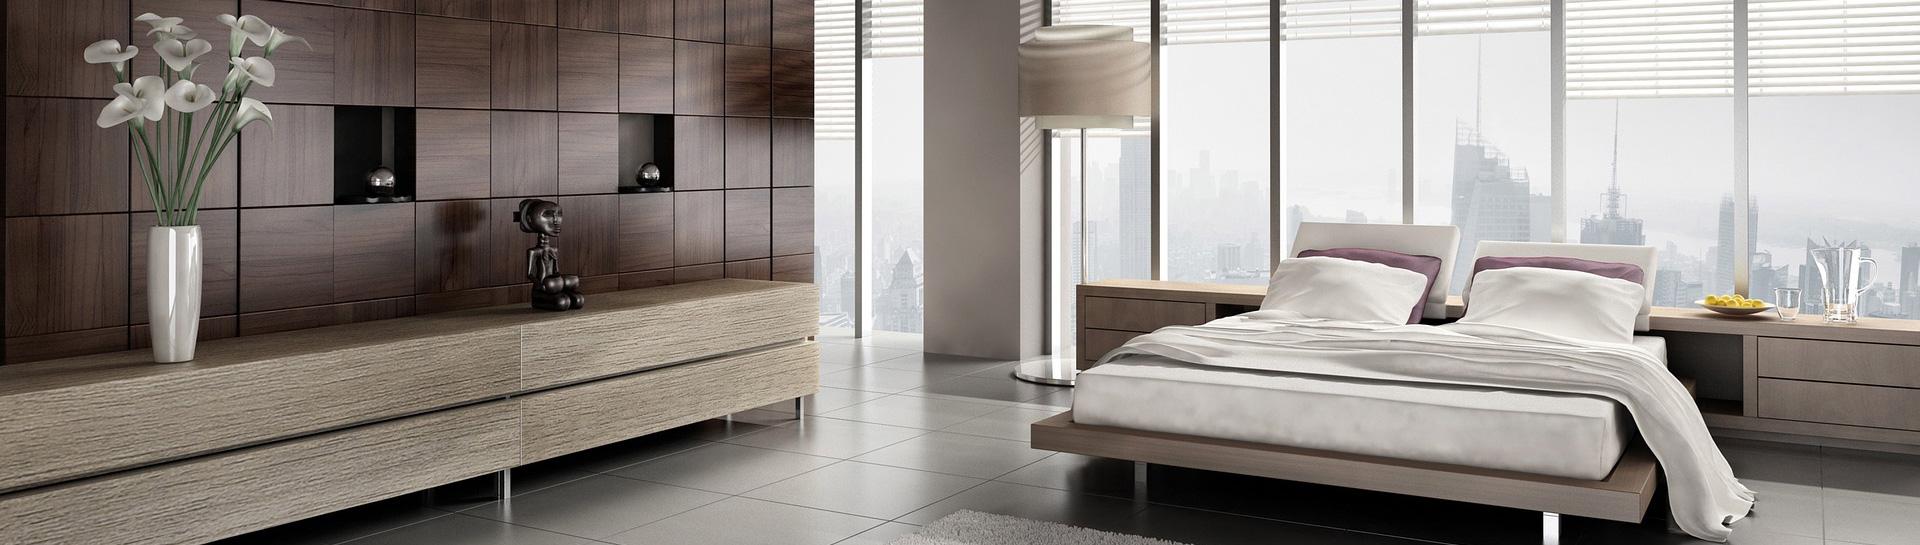 Finden Sie die besten Hotelzimmer weltweit